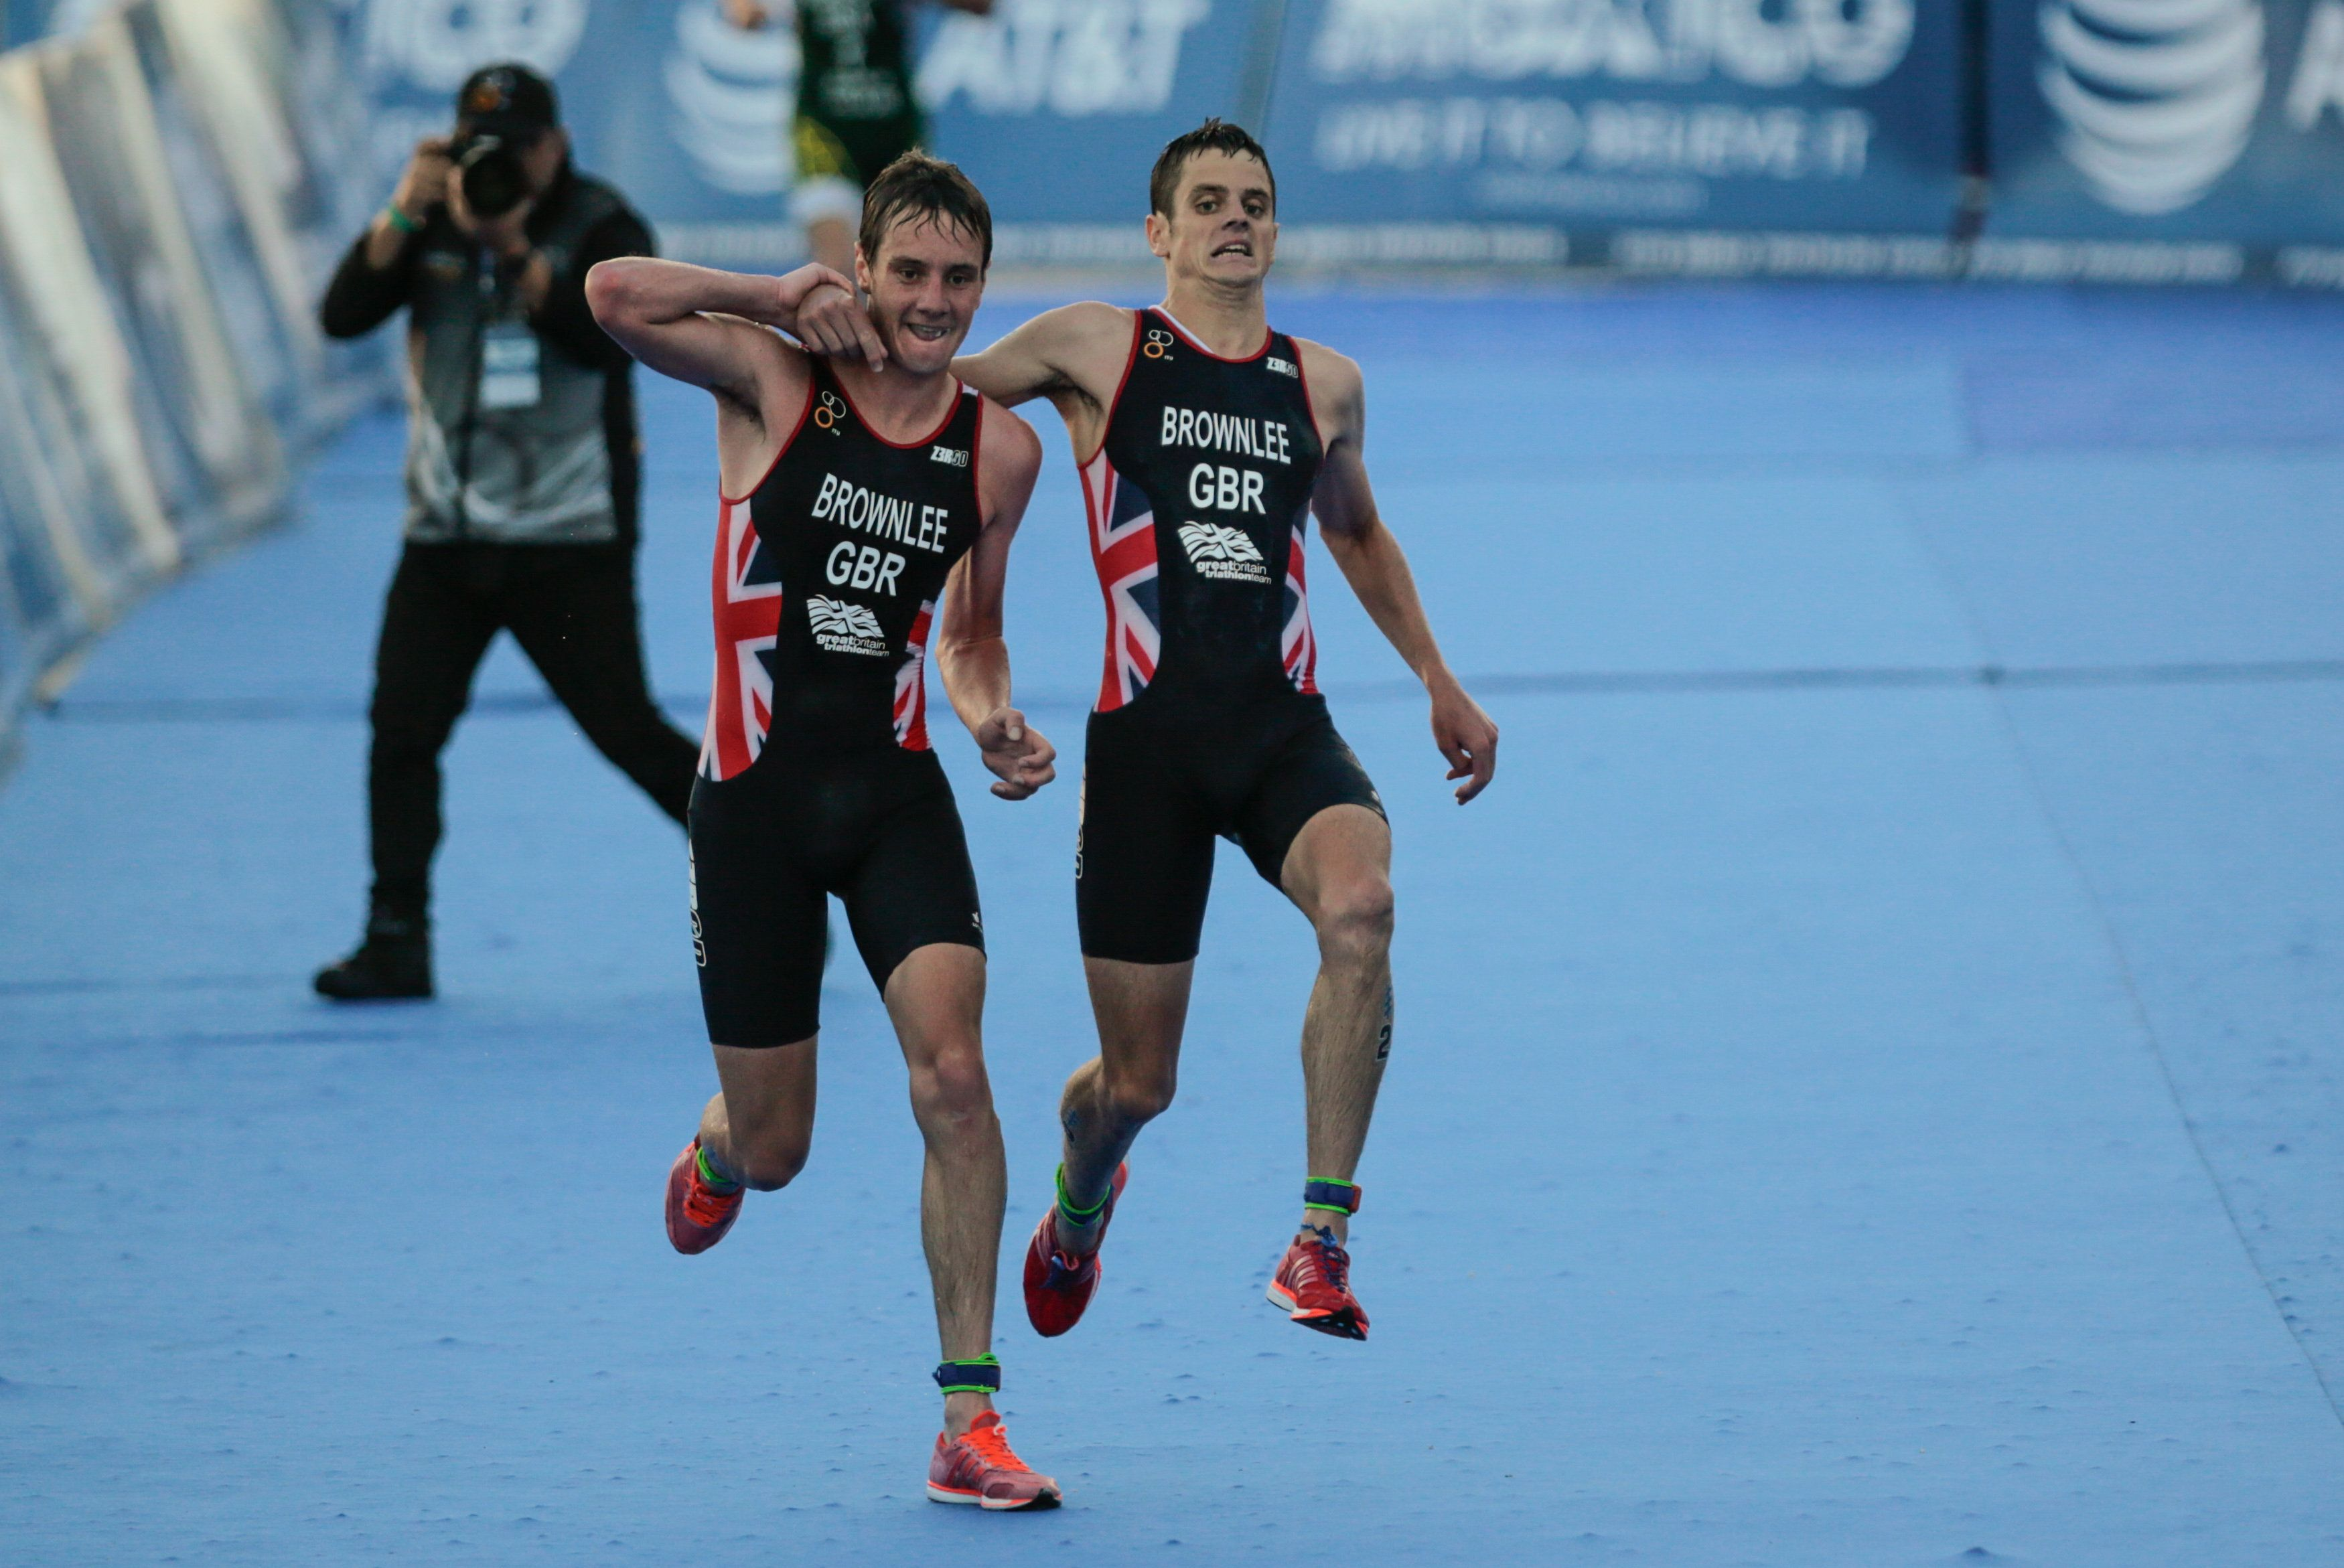 El gesto entre hermanos en el triatlón que conmueve al mundo